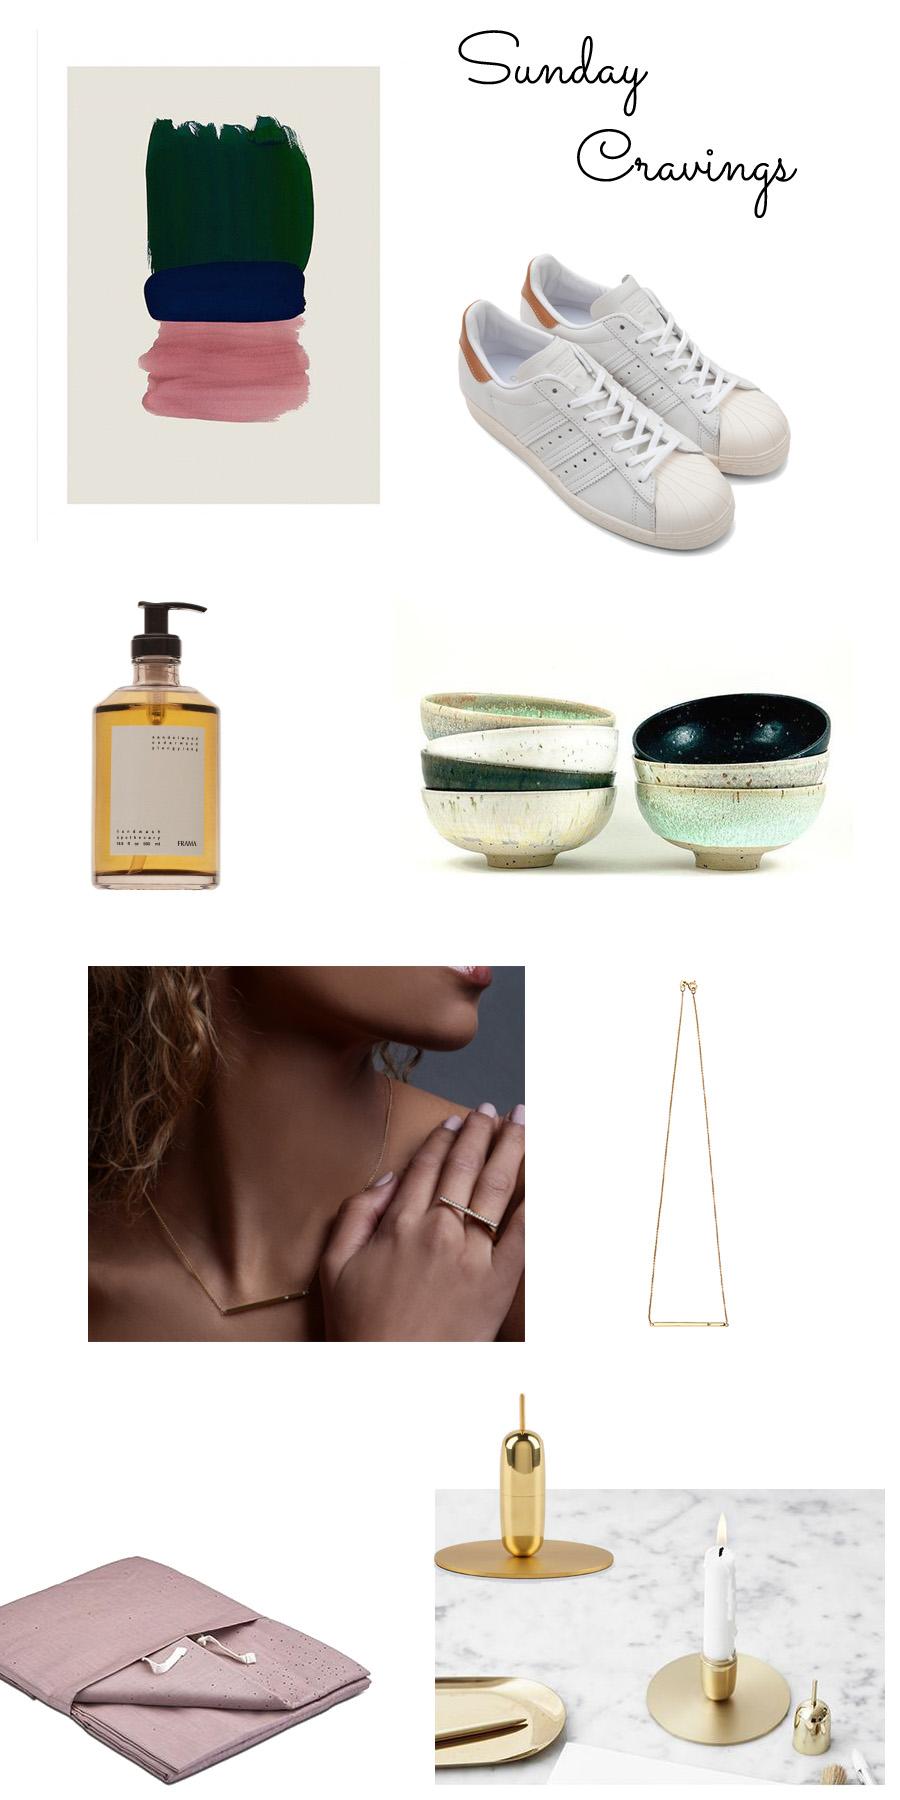 Billede består af forskellige produkter som eksempel moodboard cravings